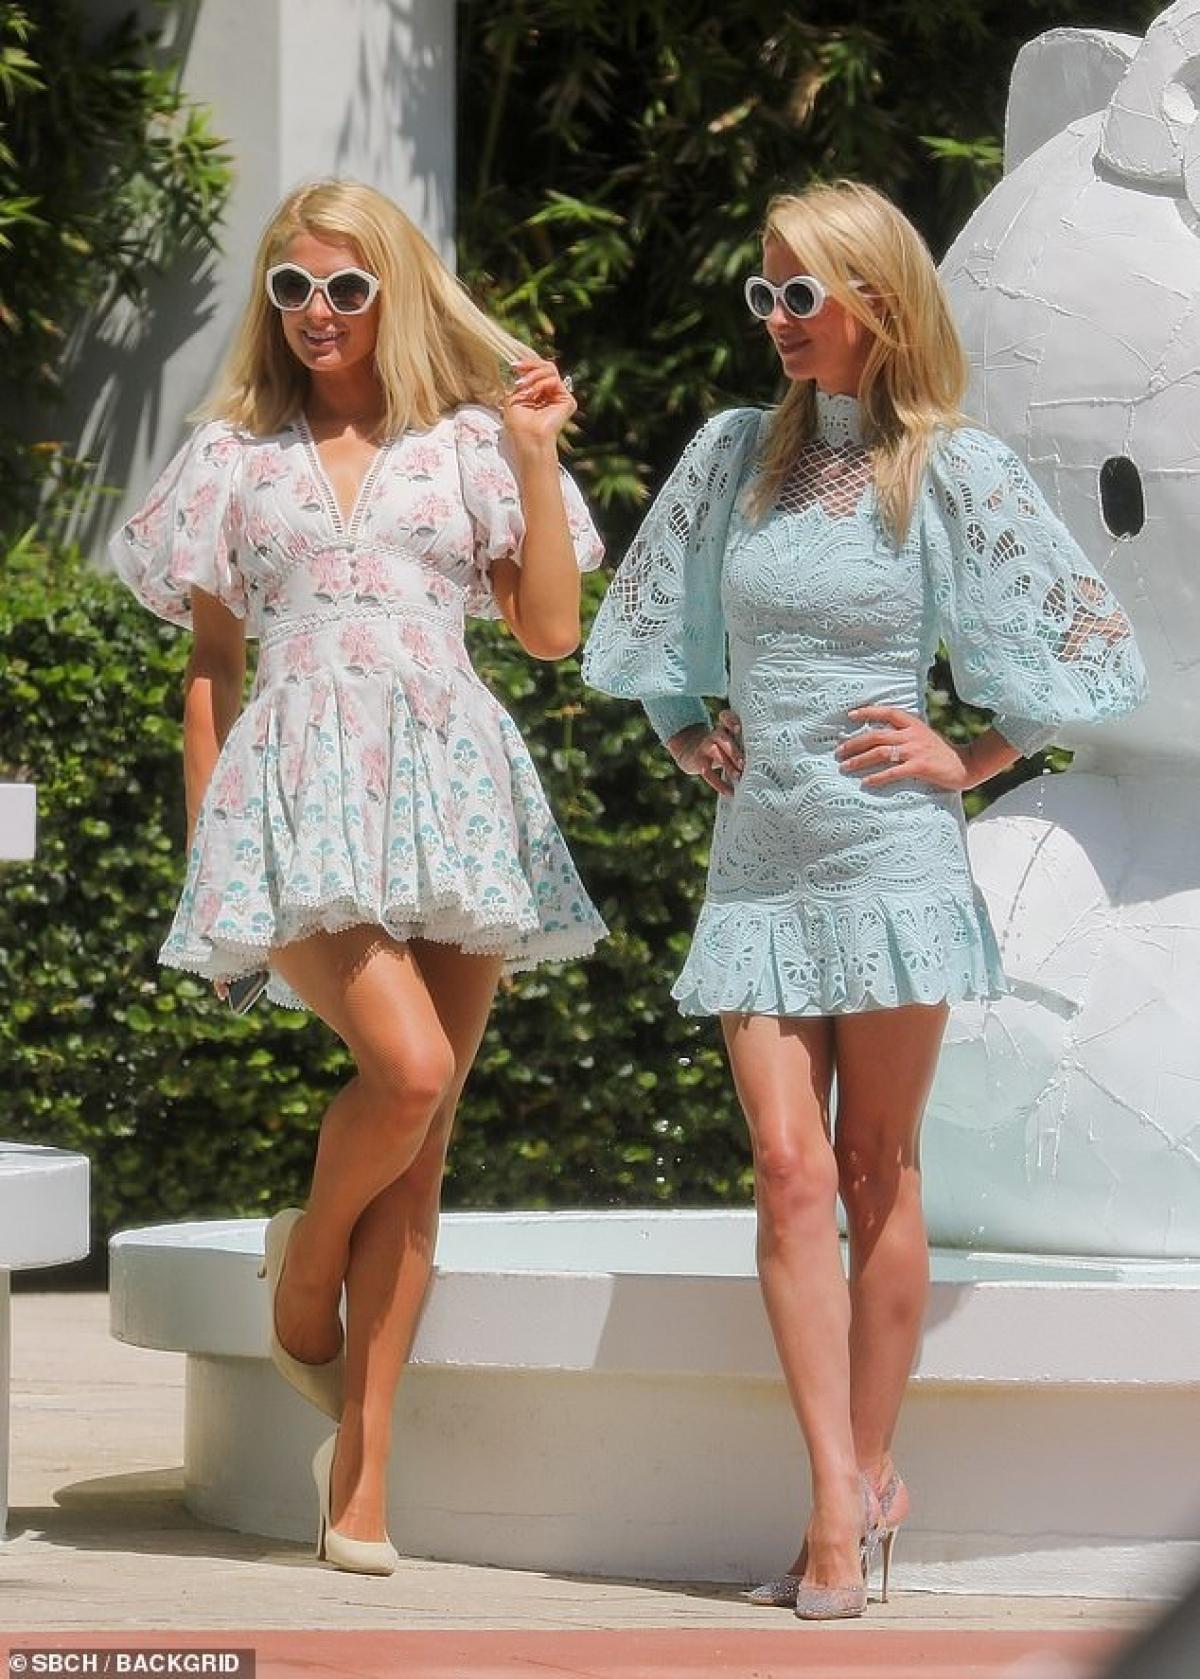 Em gái Paris Hilton thưởng thức cafe nóng hổi khi đi dạo phố Ảnh 5